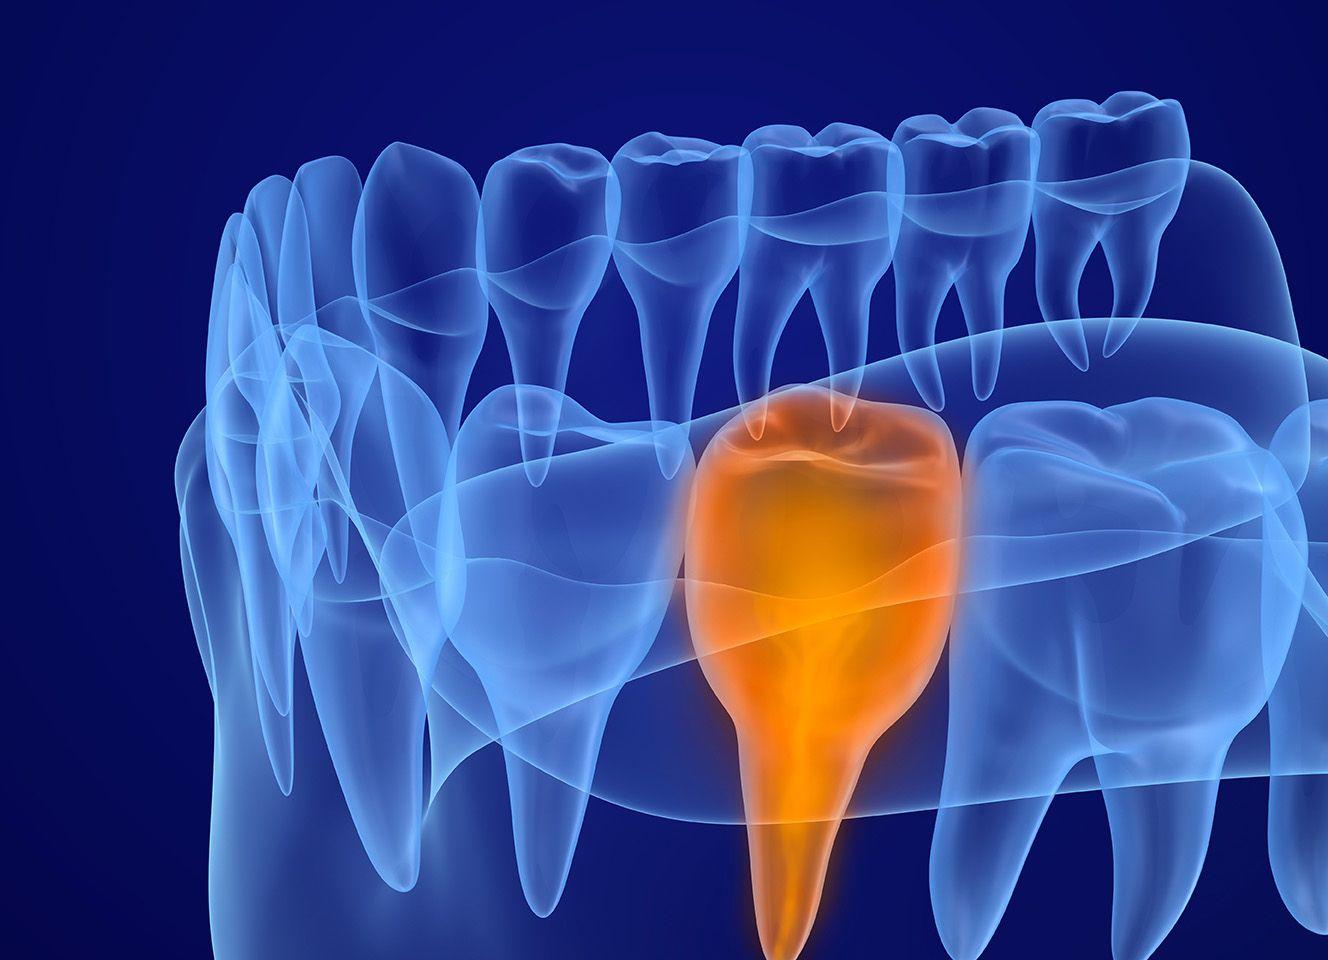 Digital image of teeth